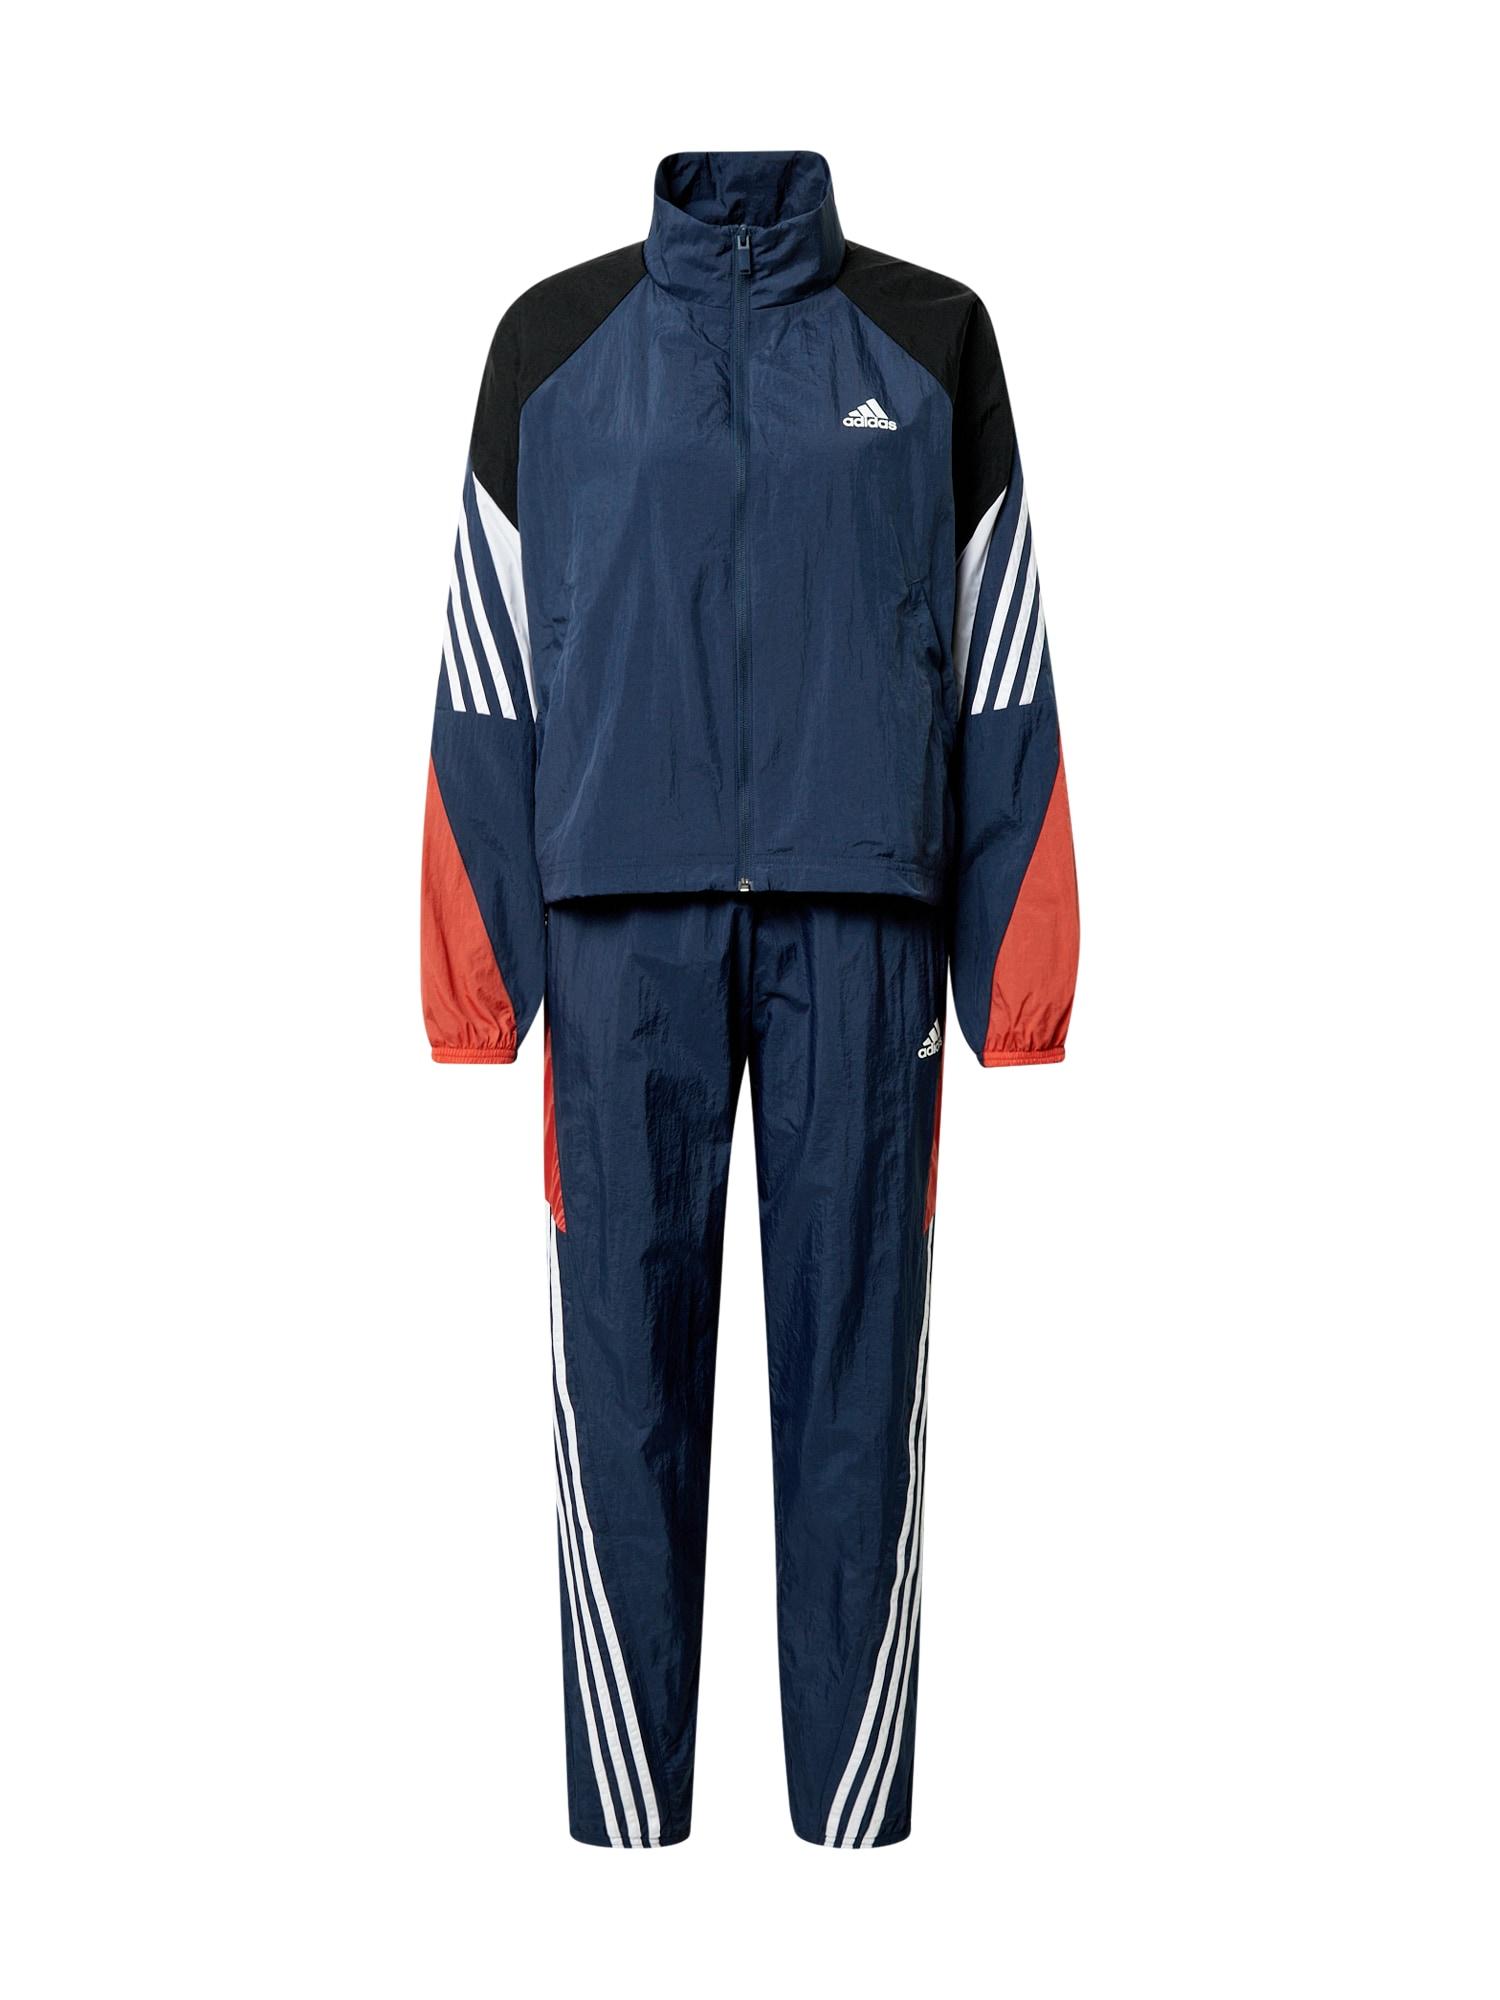 ADIDAS PERFORMANCE Sportinis kostiumas 'GAMETI' tamsiai mėlyna / raudona / balta / juoda